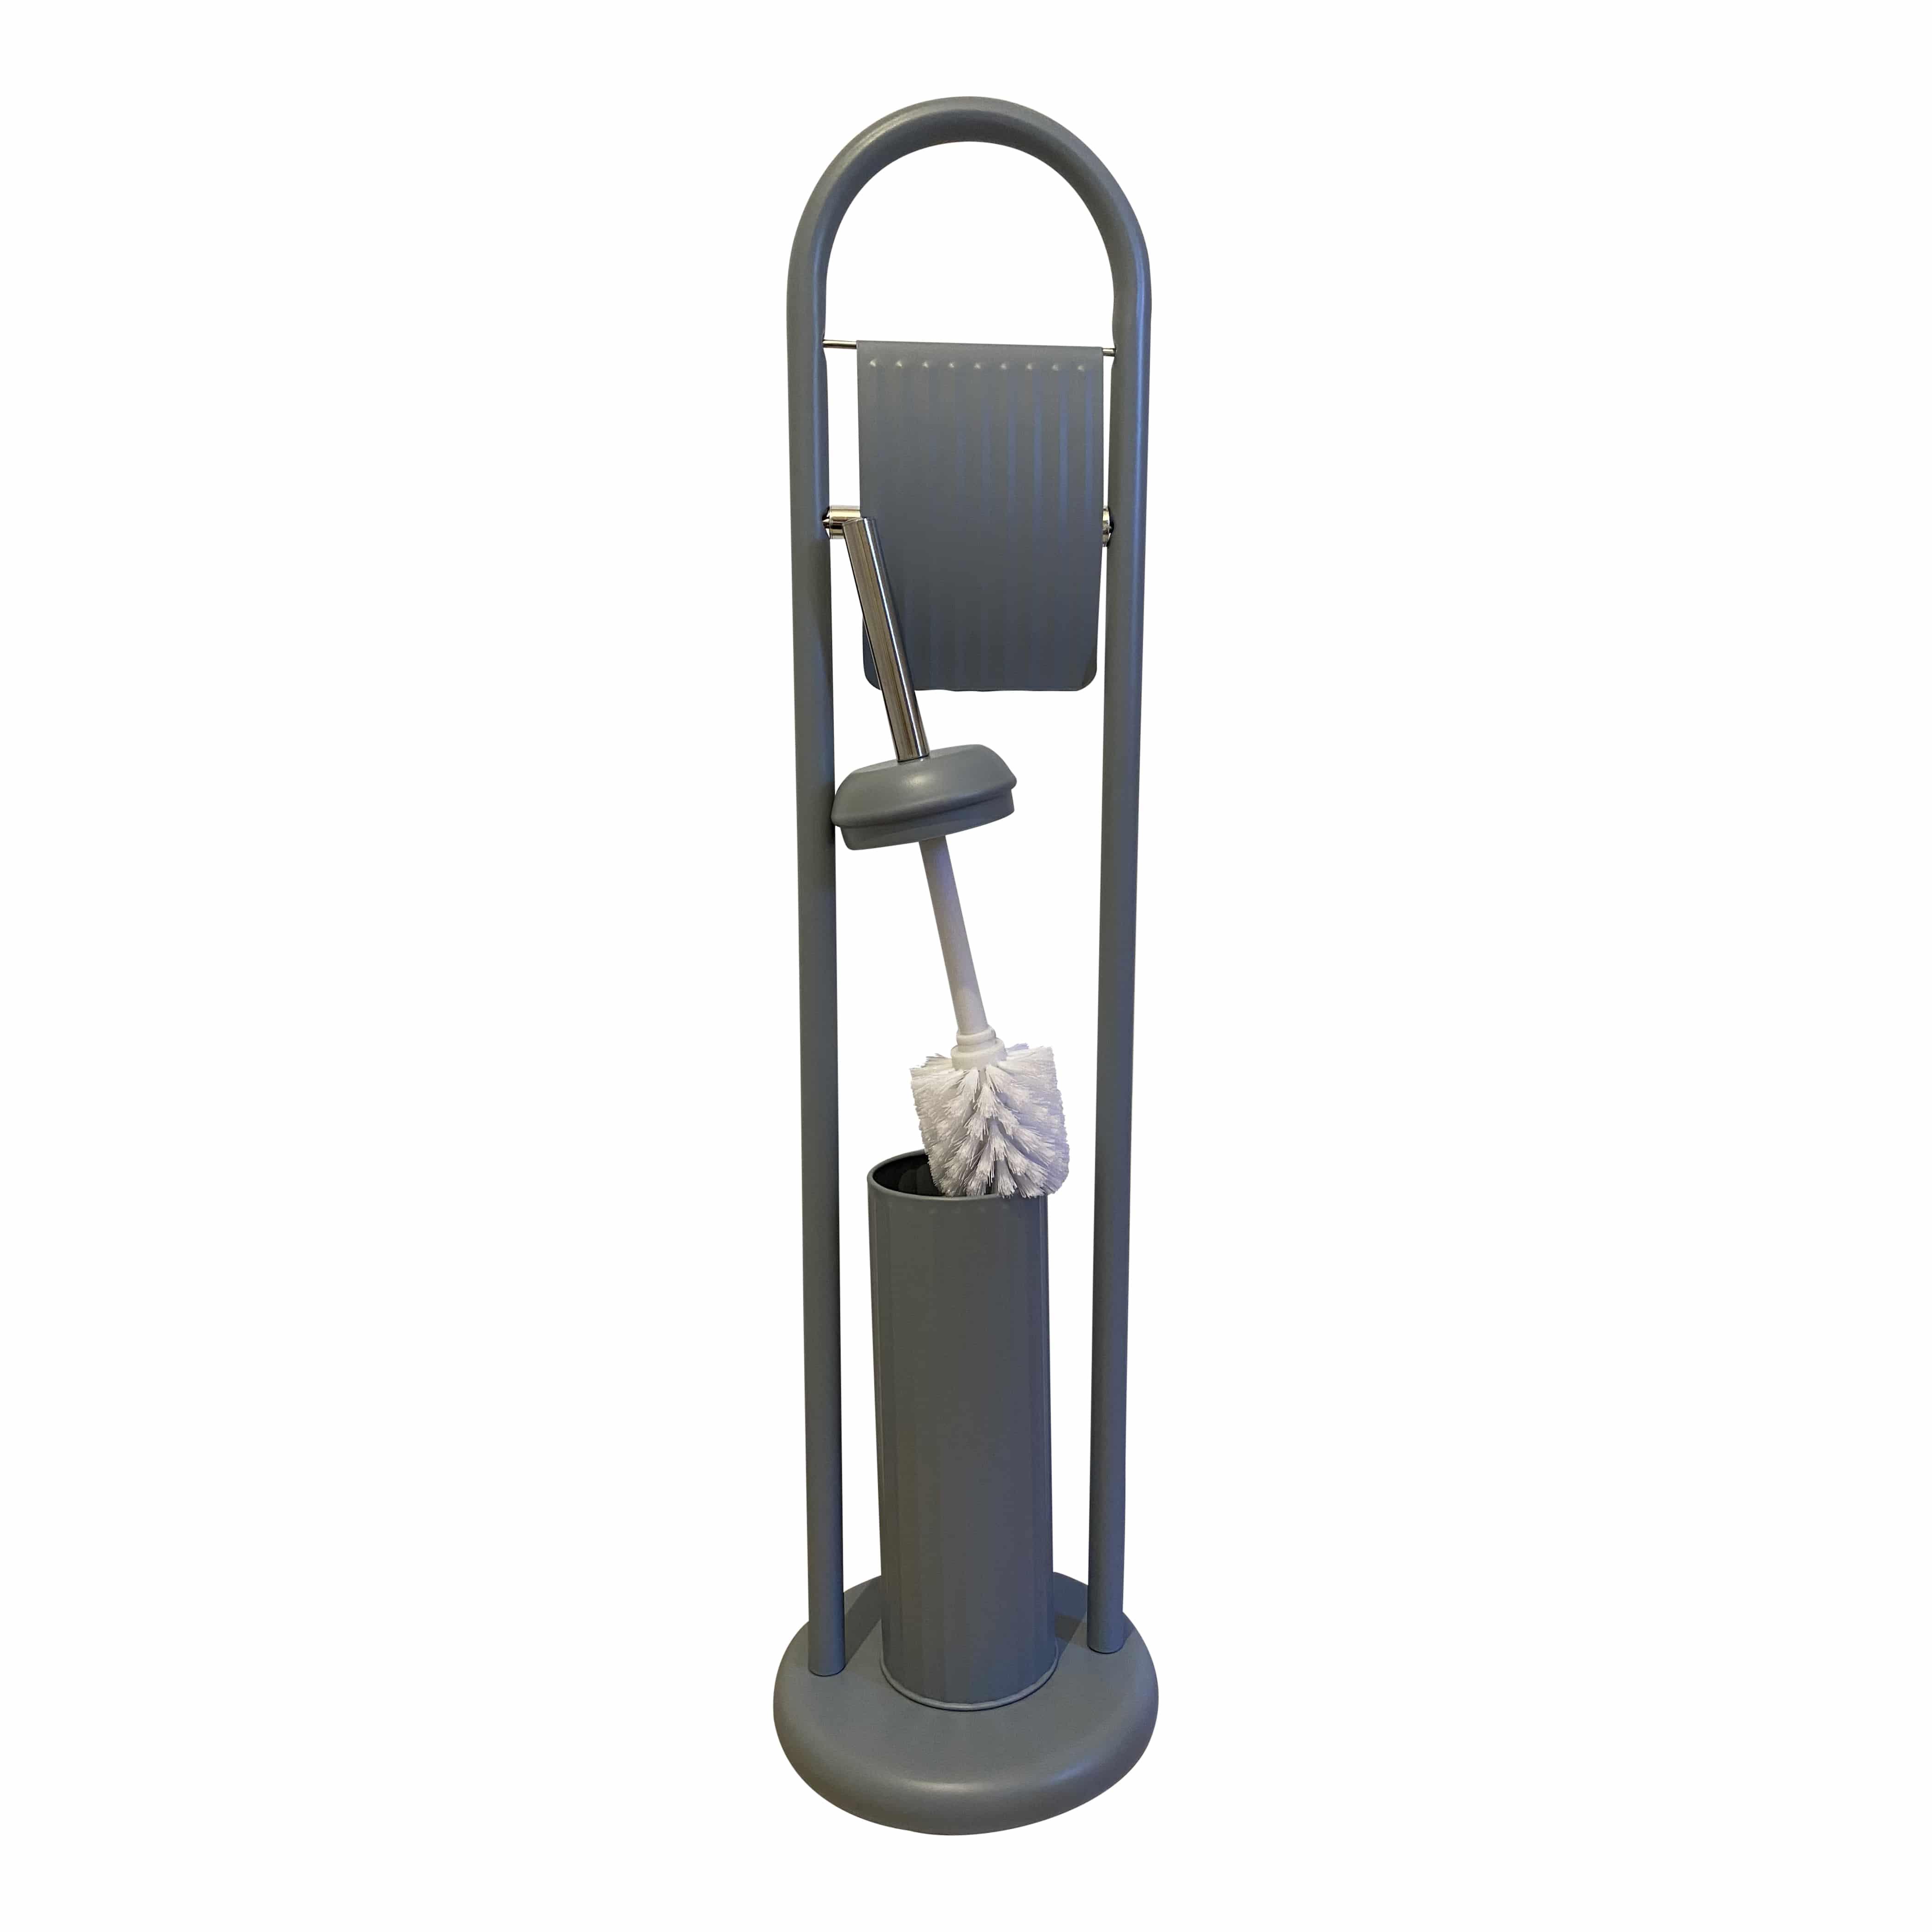 4goodz vrijstaand toiletgarnituur Pastelblauw - 79 cm hoog